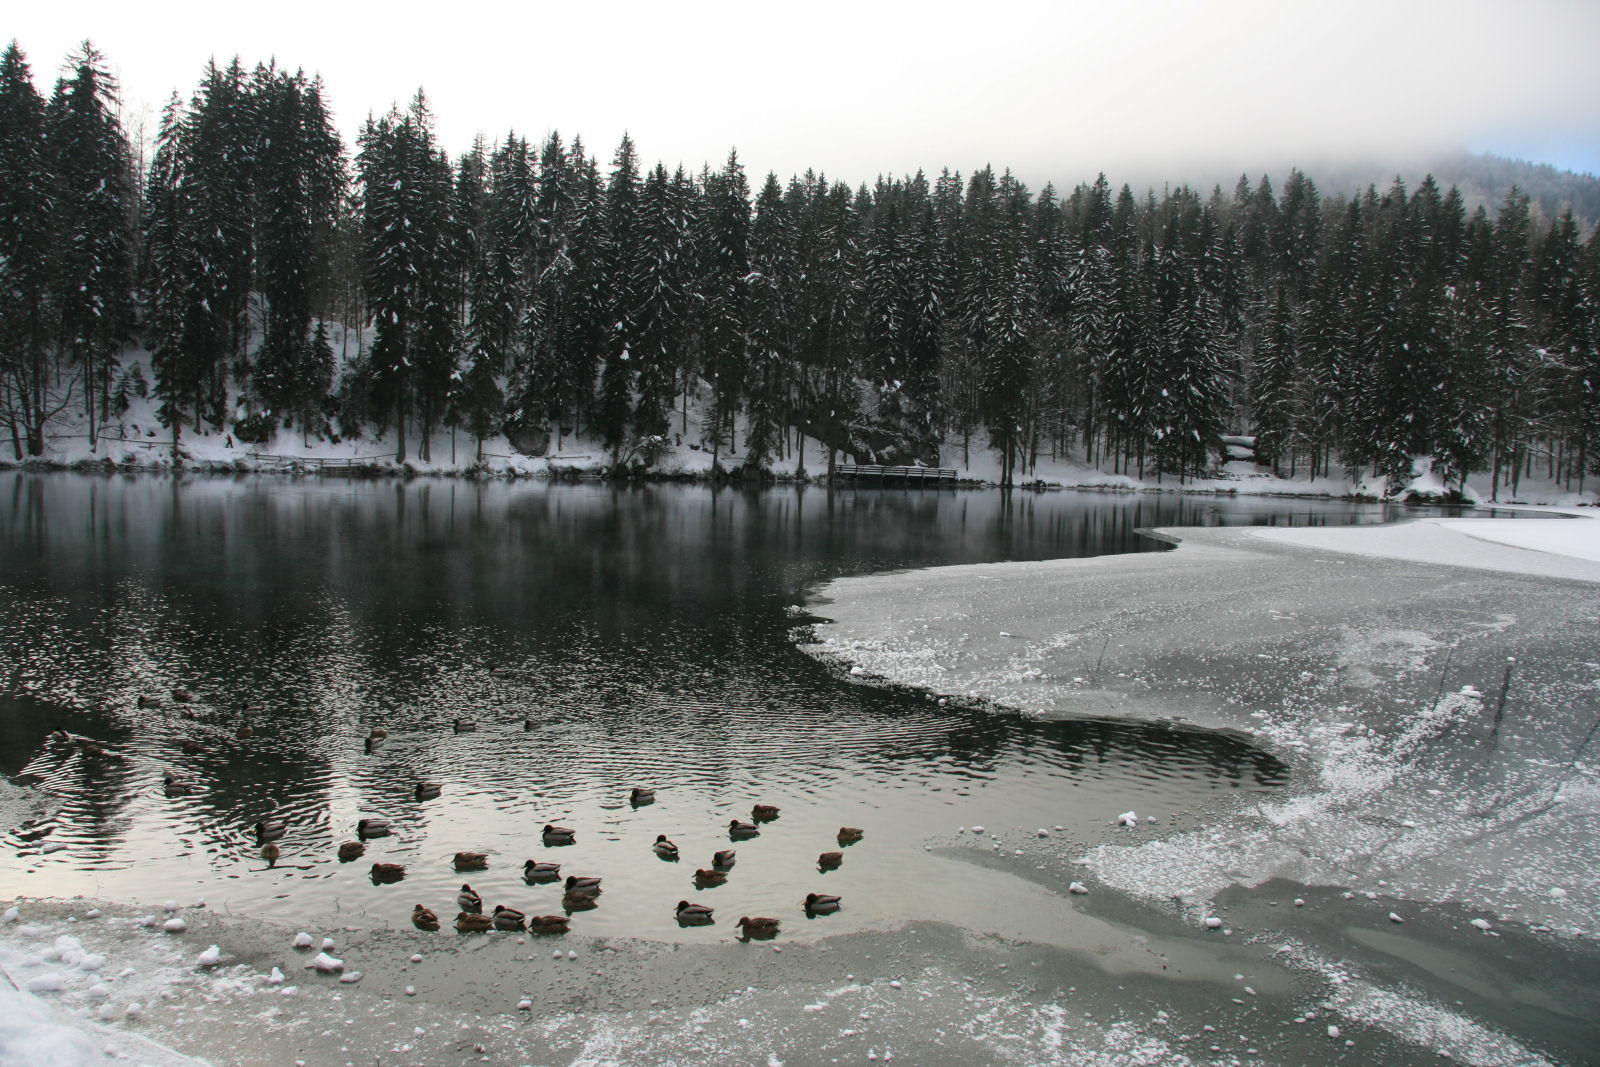 Laghi di Fusine Lakes in winter